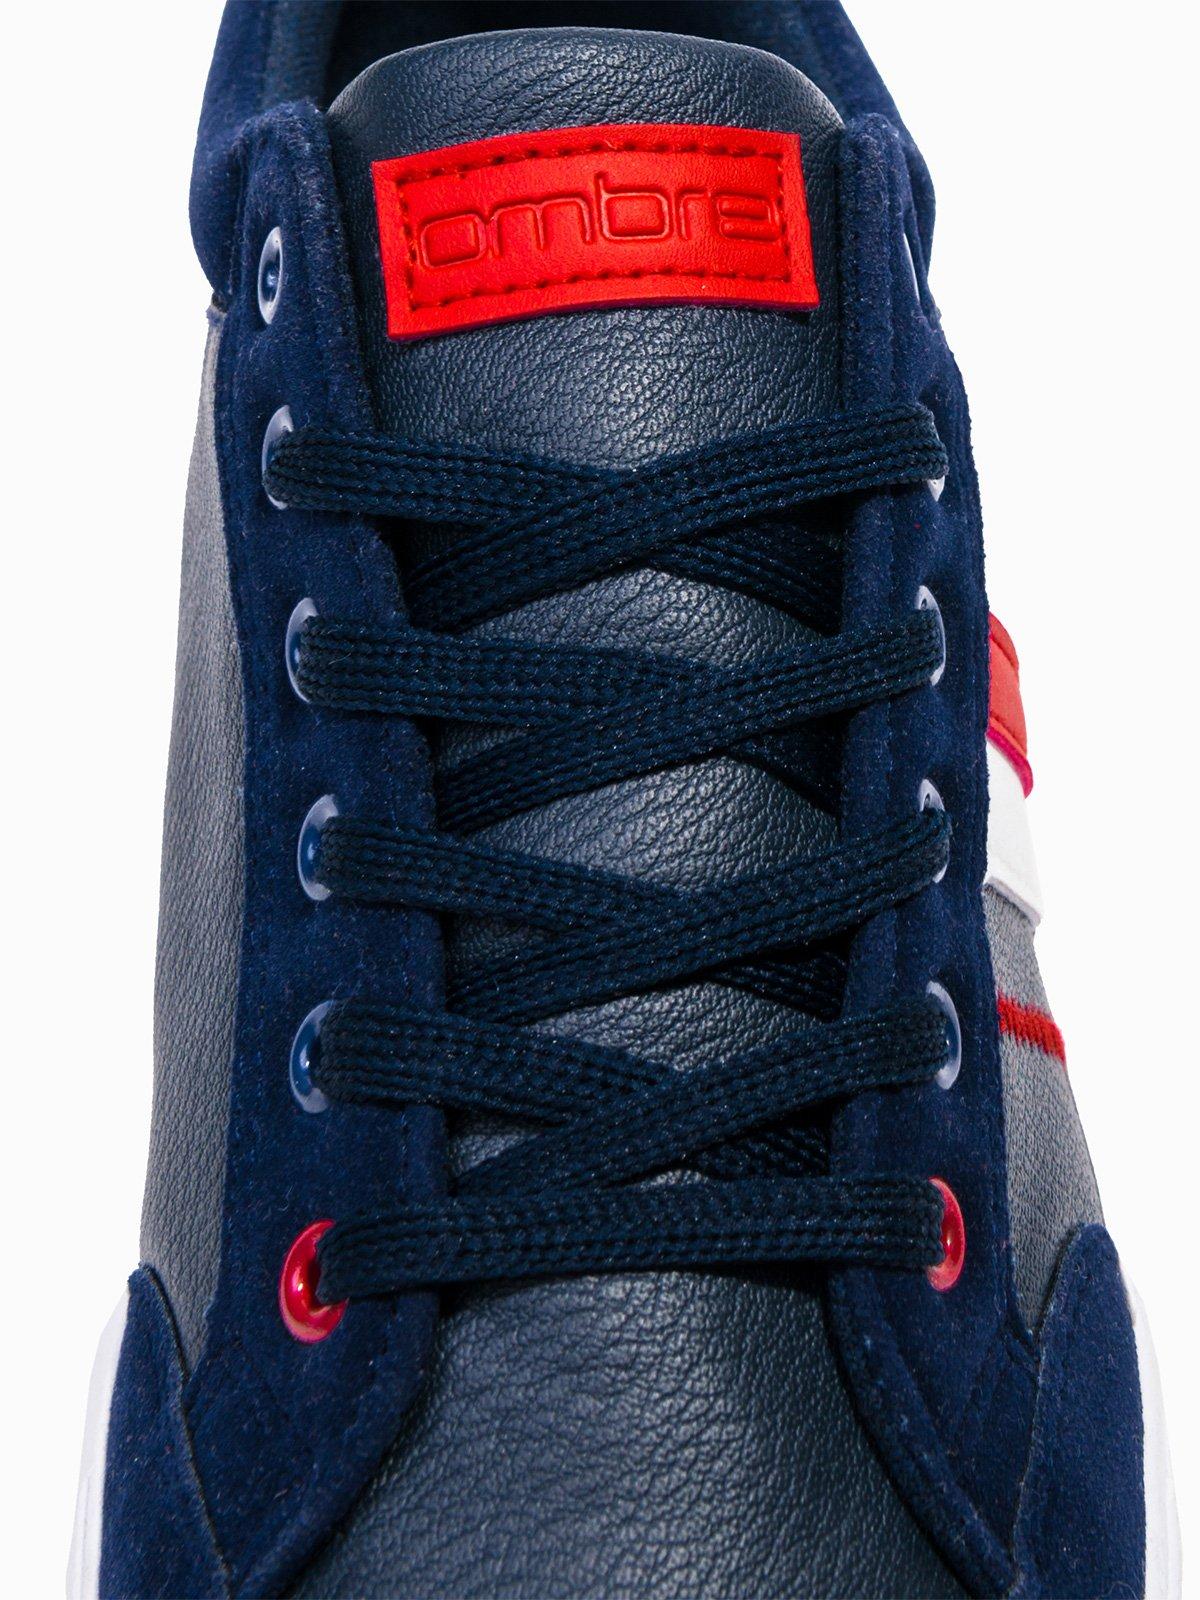 42823d8ee7a321 Взуття чоловіче кросівки T306 - темно-сині темно-синій | ЧОЛОВІЧЕ ...